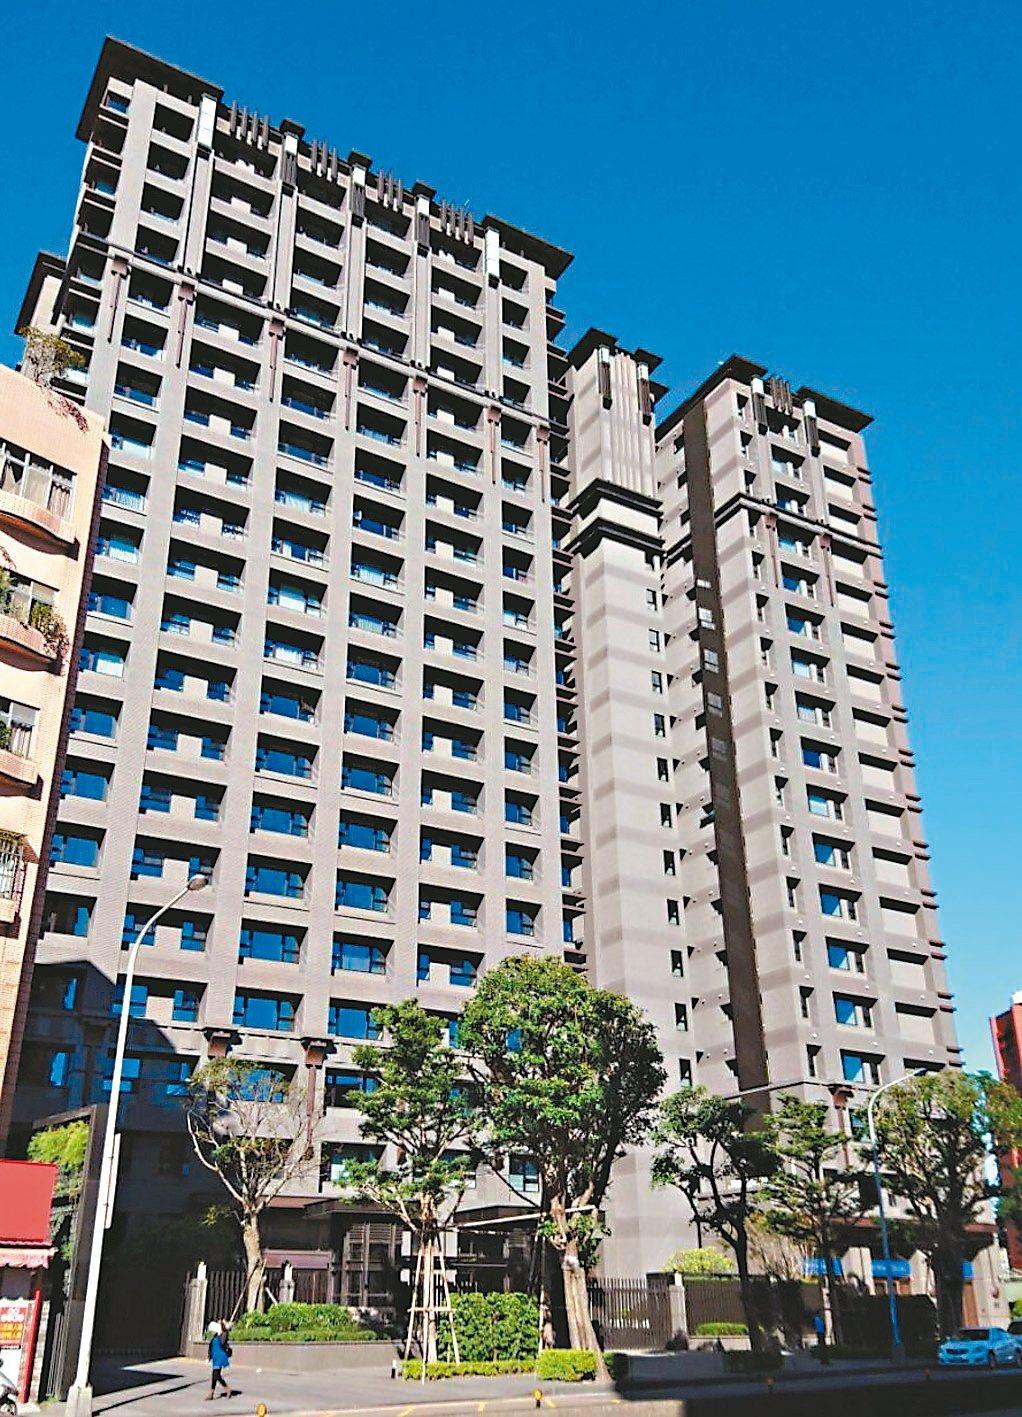 財政部國產署昨天標售位於台北市中正區的高價宅「千荷田」,成功標脫七戶,創下歷來最...